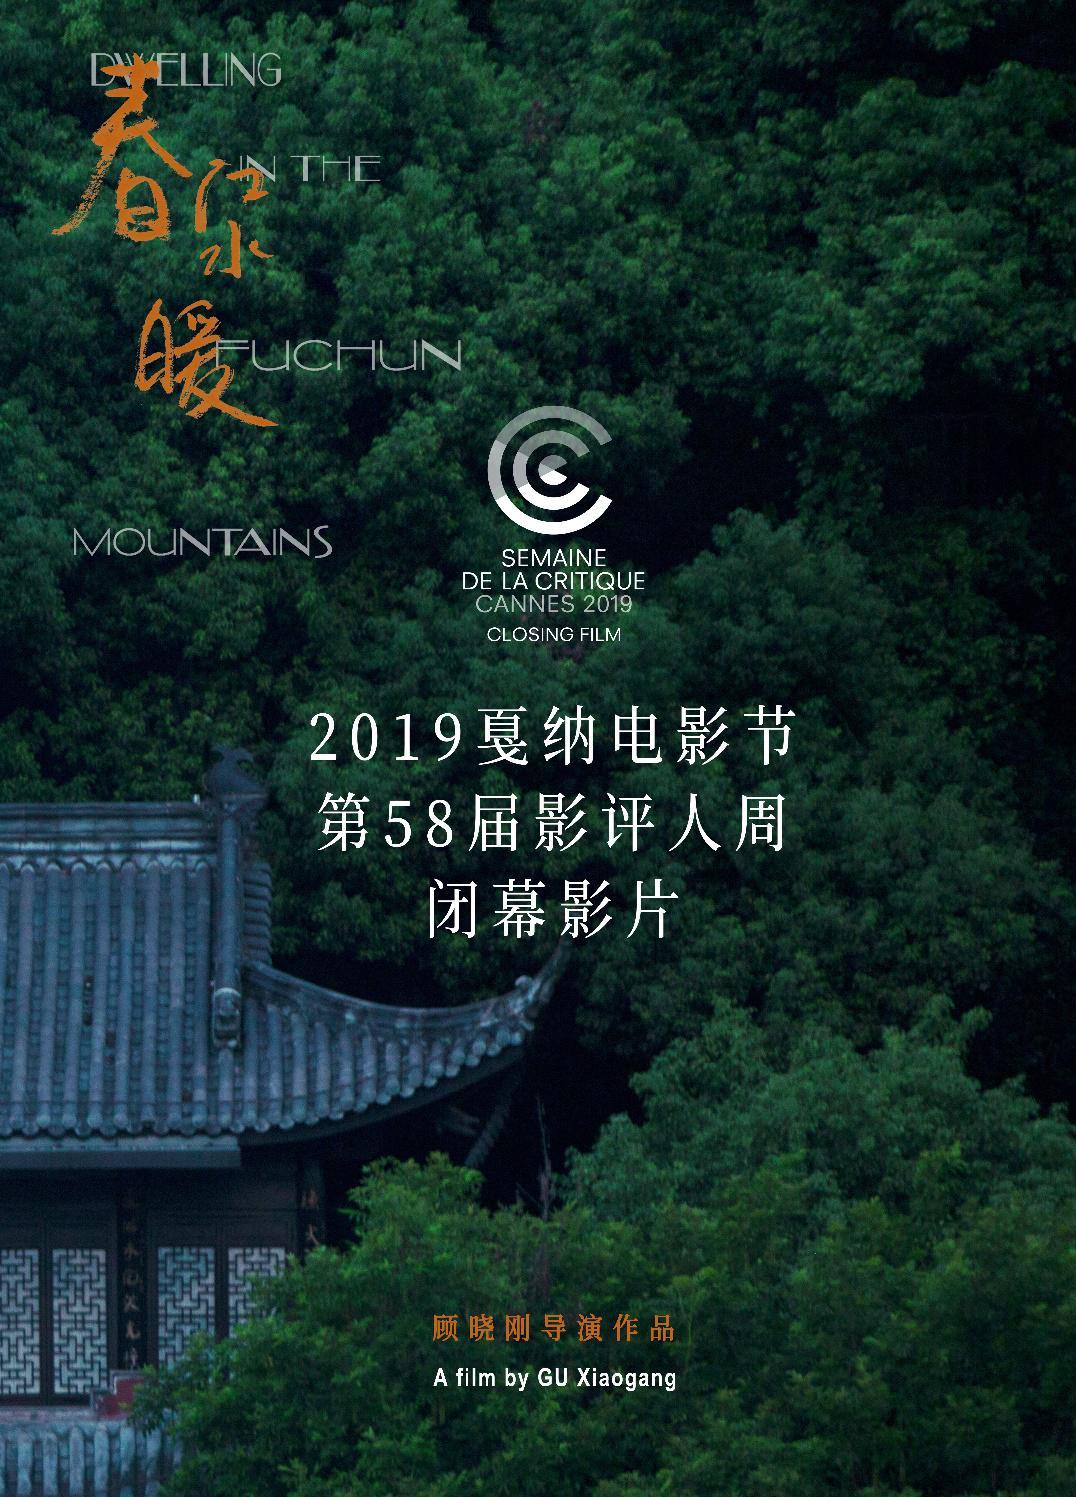 华语片《春江水暖》戛纳首映 获赞毋庸置疑的佳构